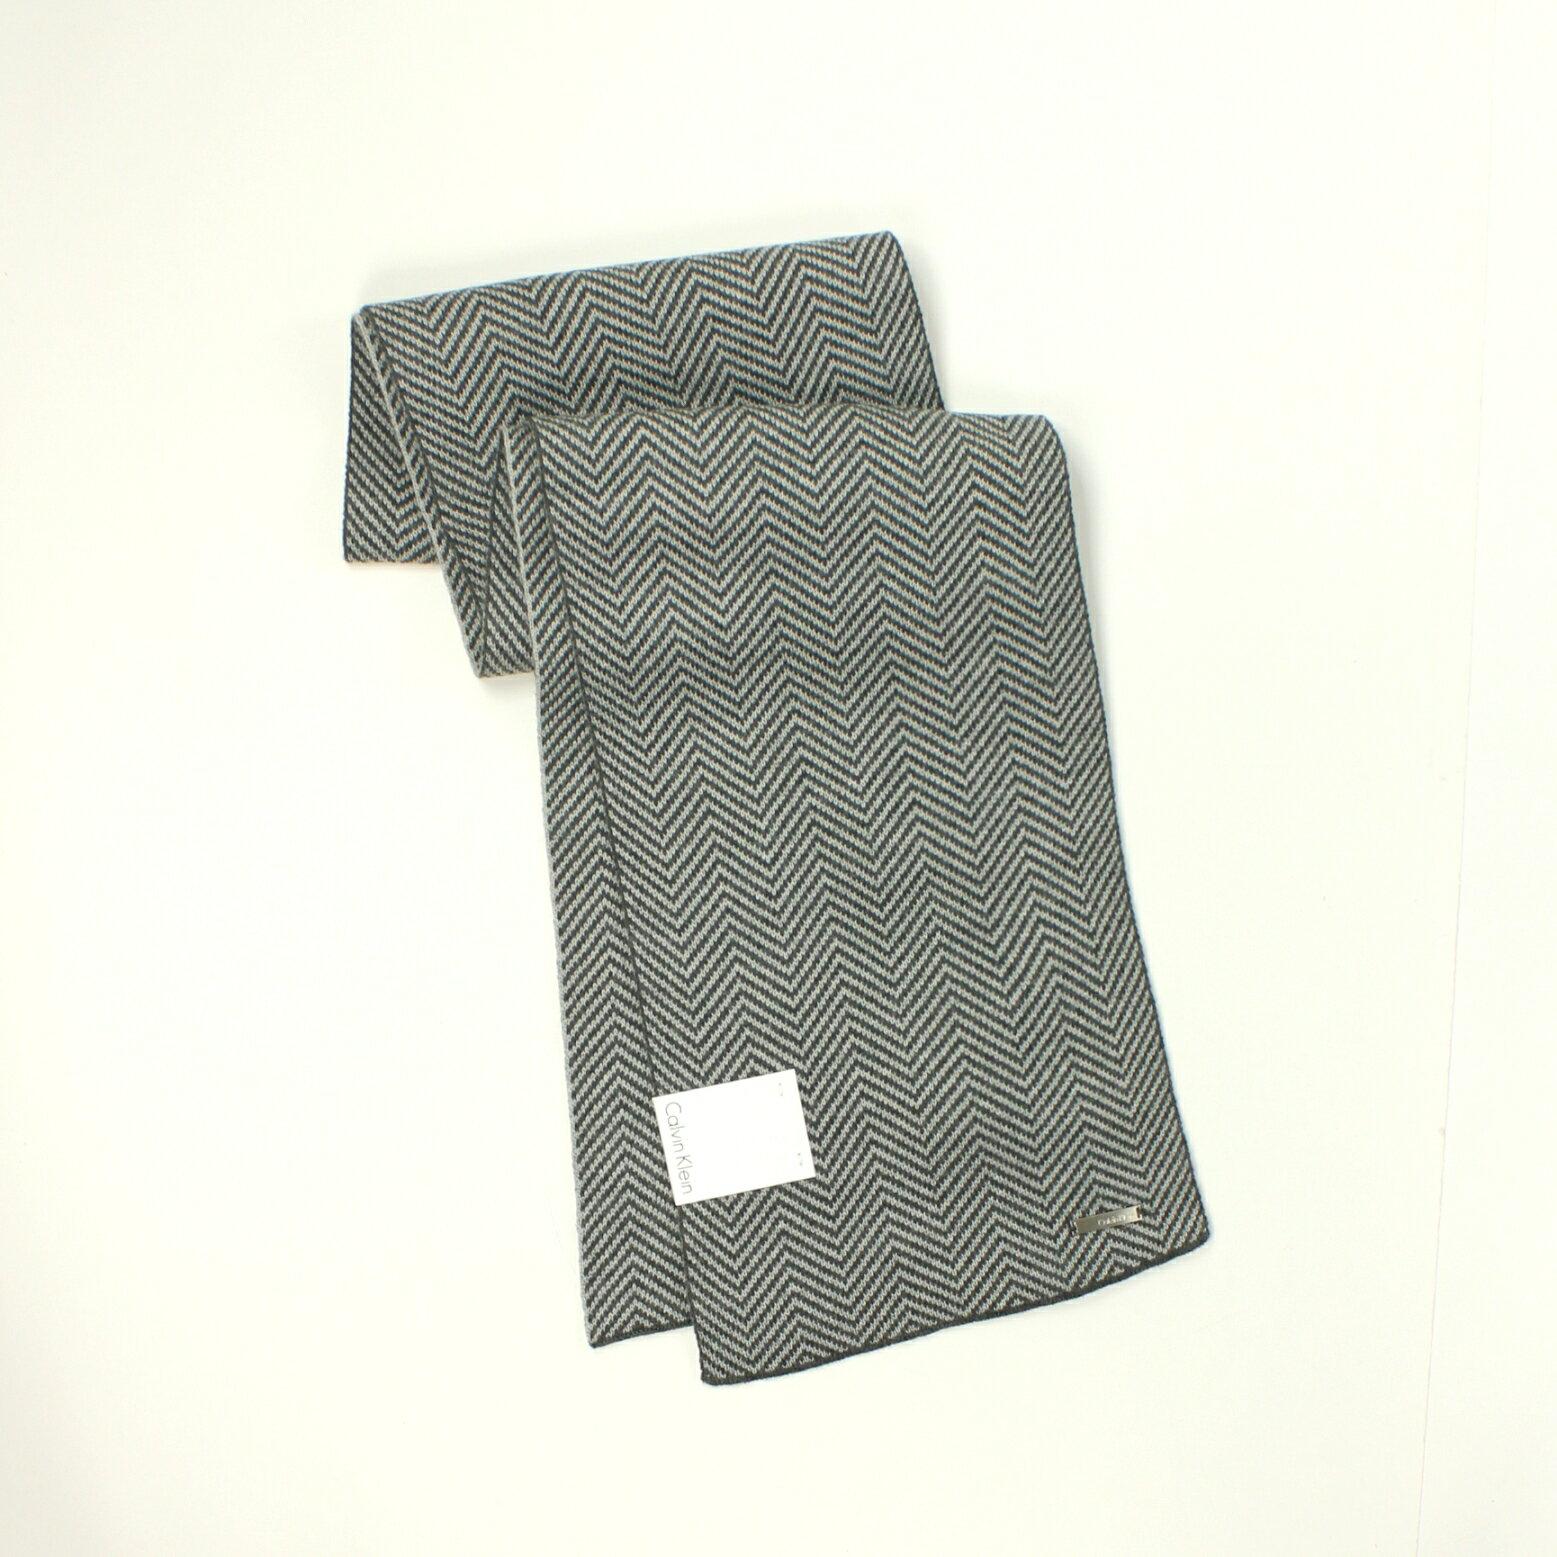 美國百分百【全新真品】Calvin Klein 圍巾 CK 配件 披肩 針織 灰色 條紋 保暖 Logo 男 女 B504